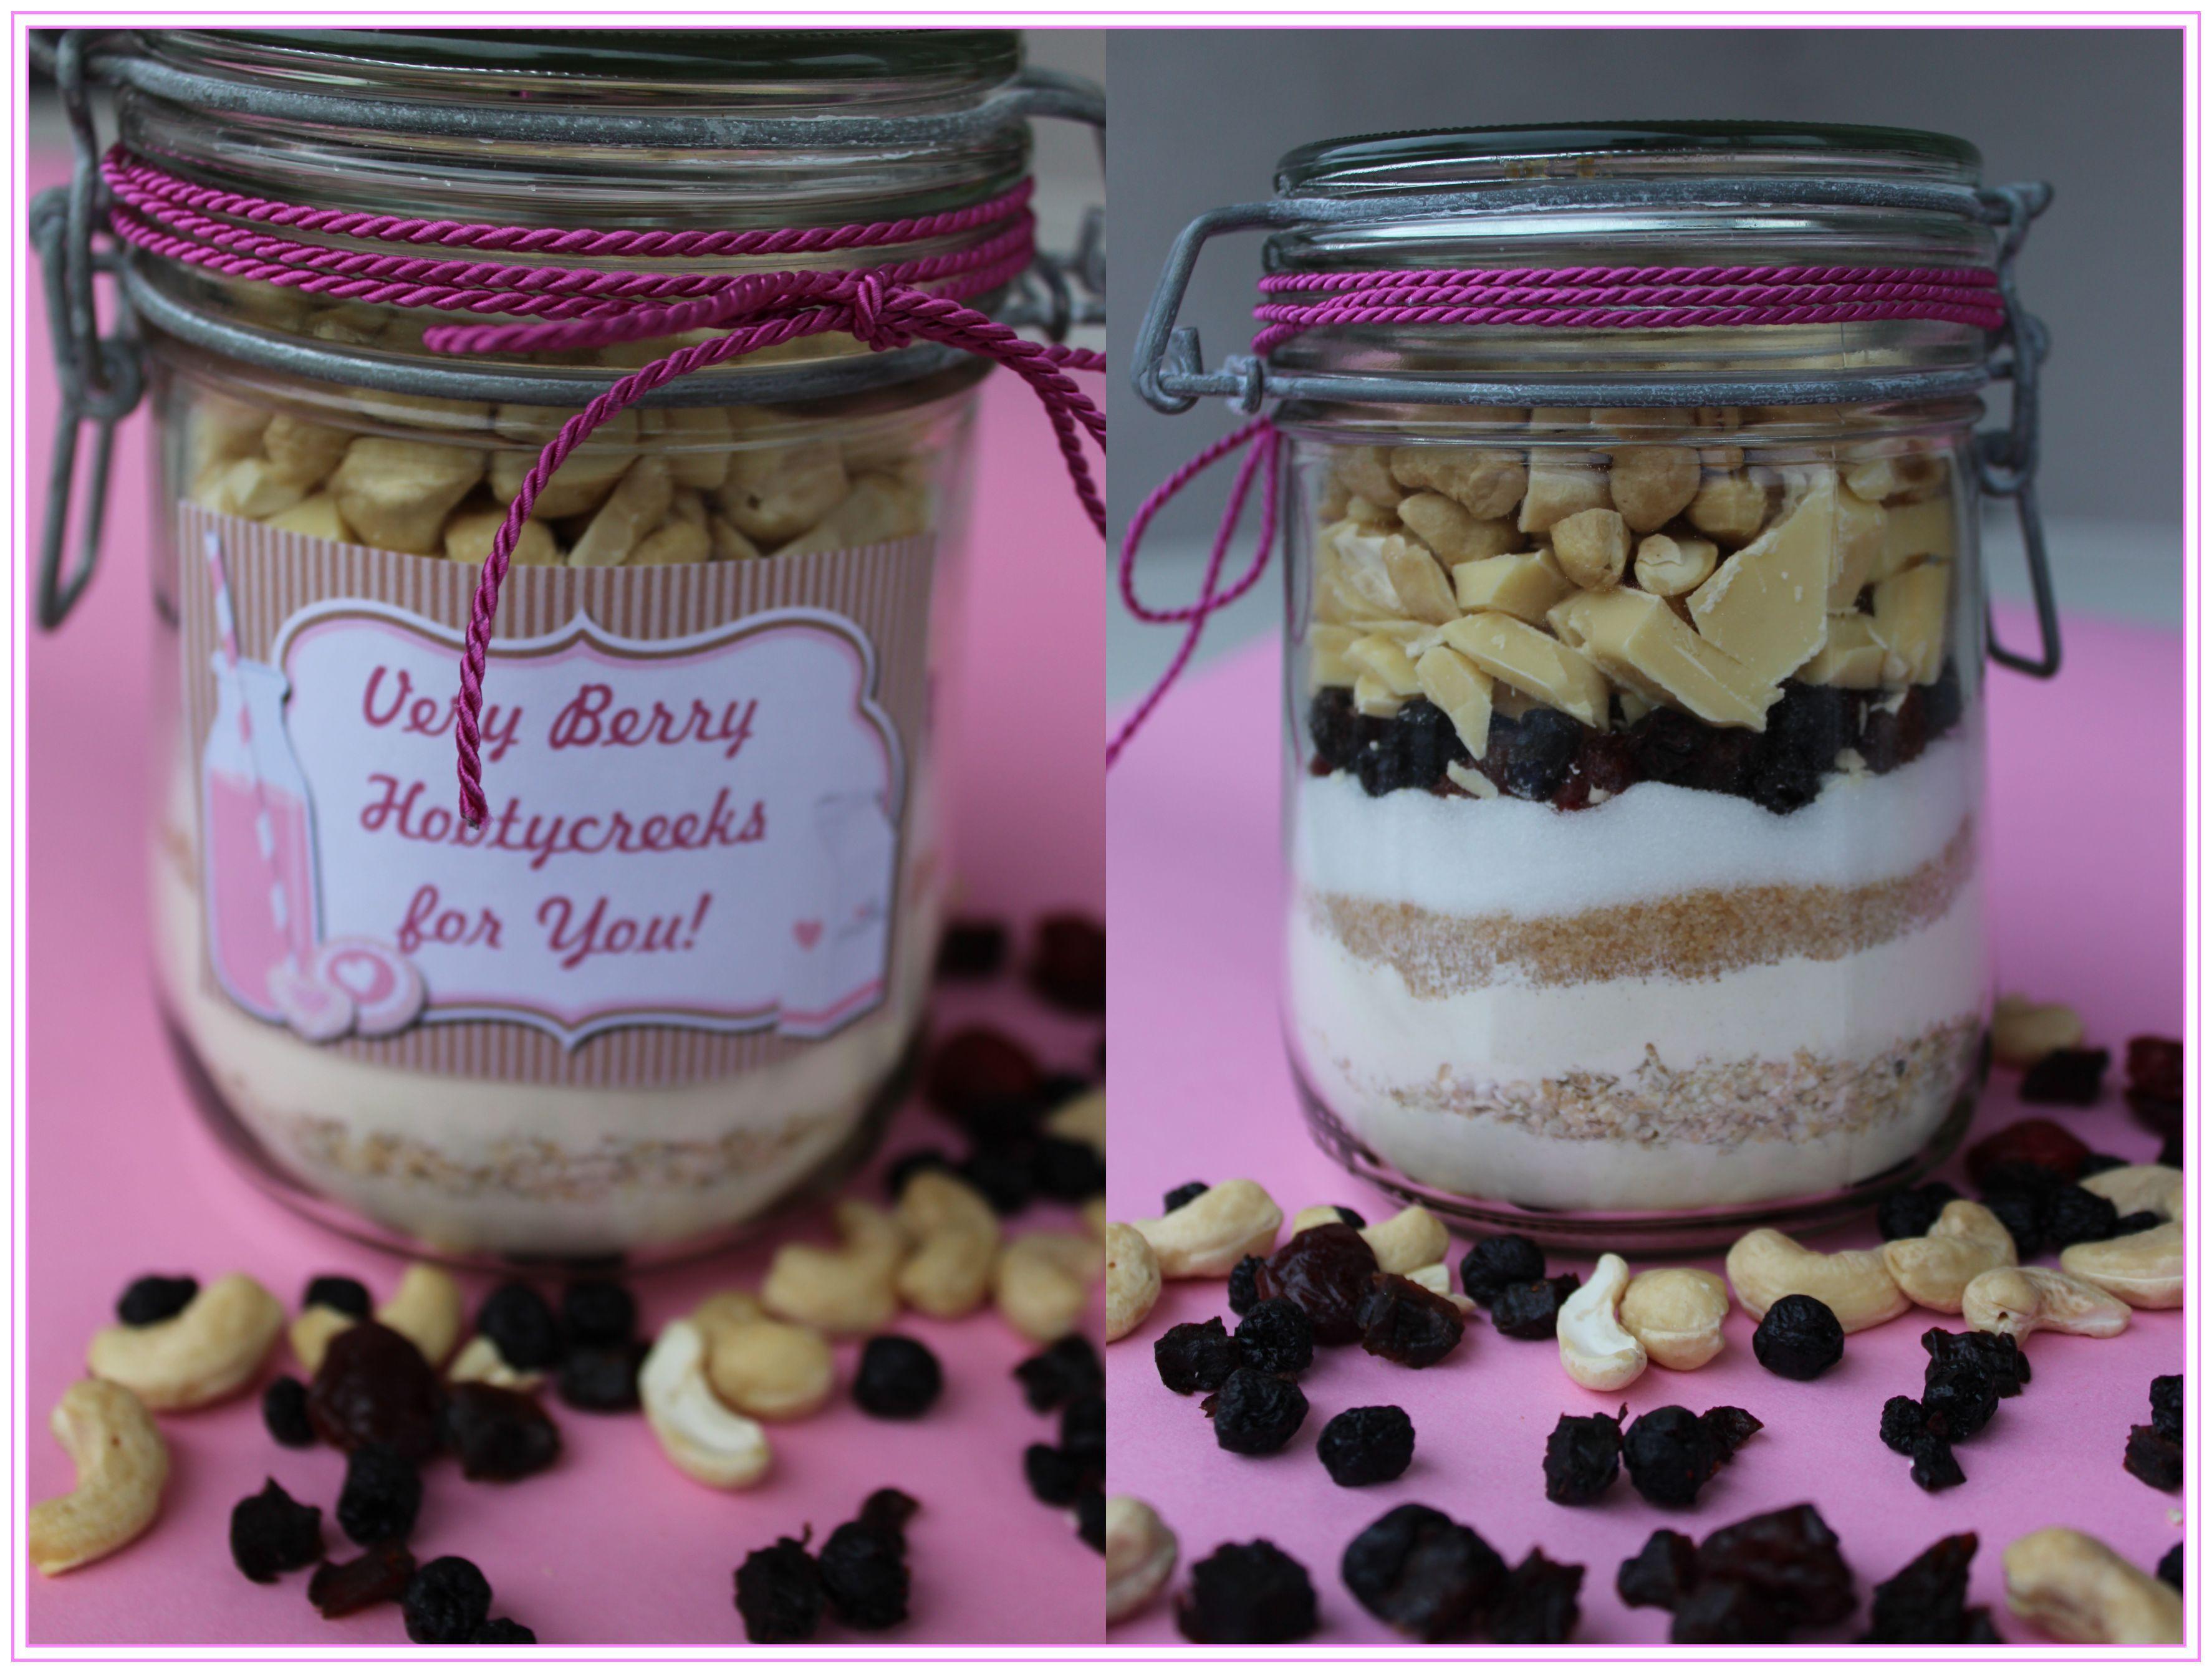 Geschenke Aus Dem Glas 2 Cookies Very Berry Hootycreeks Kuchen